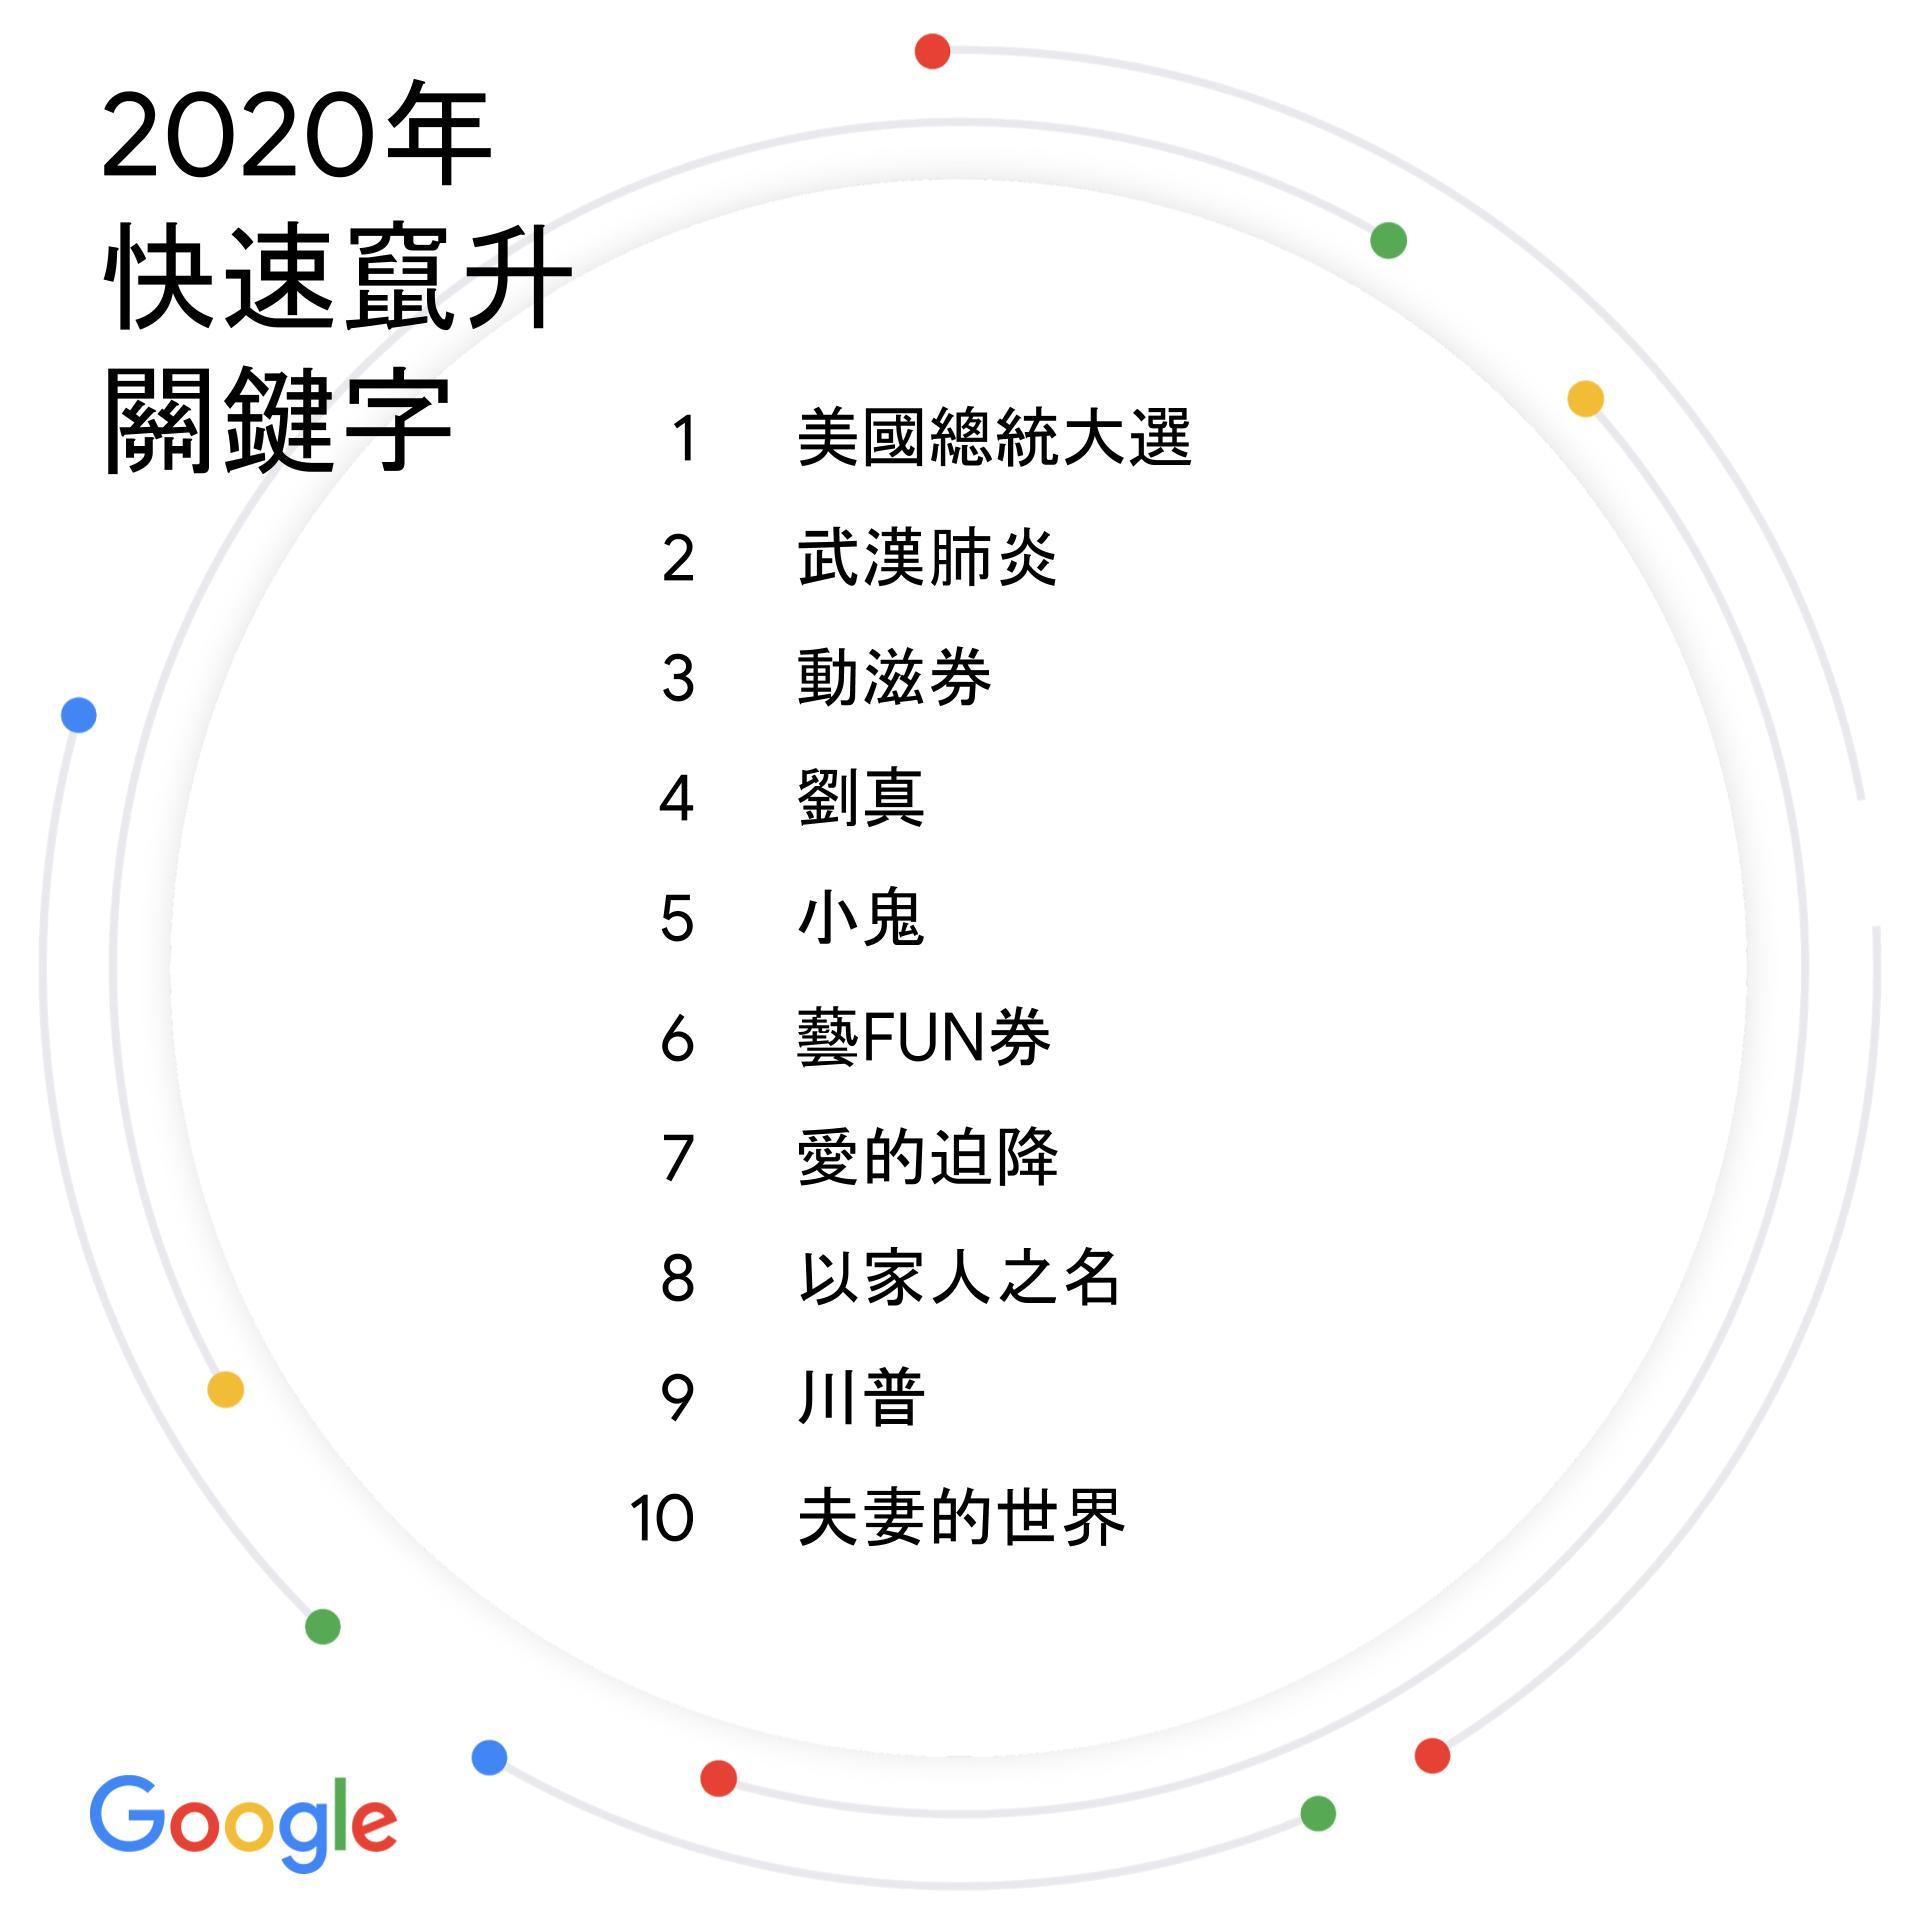 台灣2020年度搜尋排行榜:快速竄升關鍵字(Google提供)